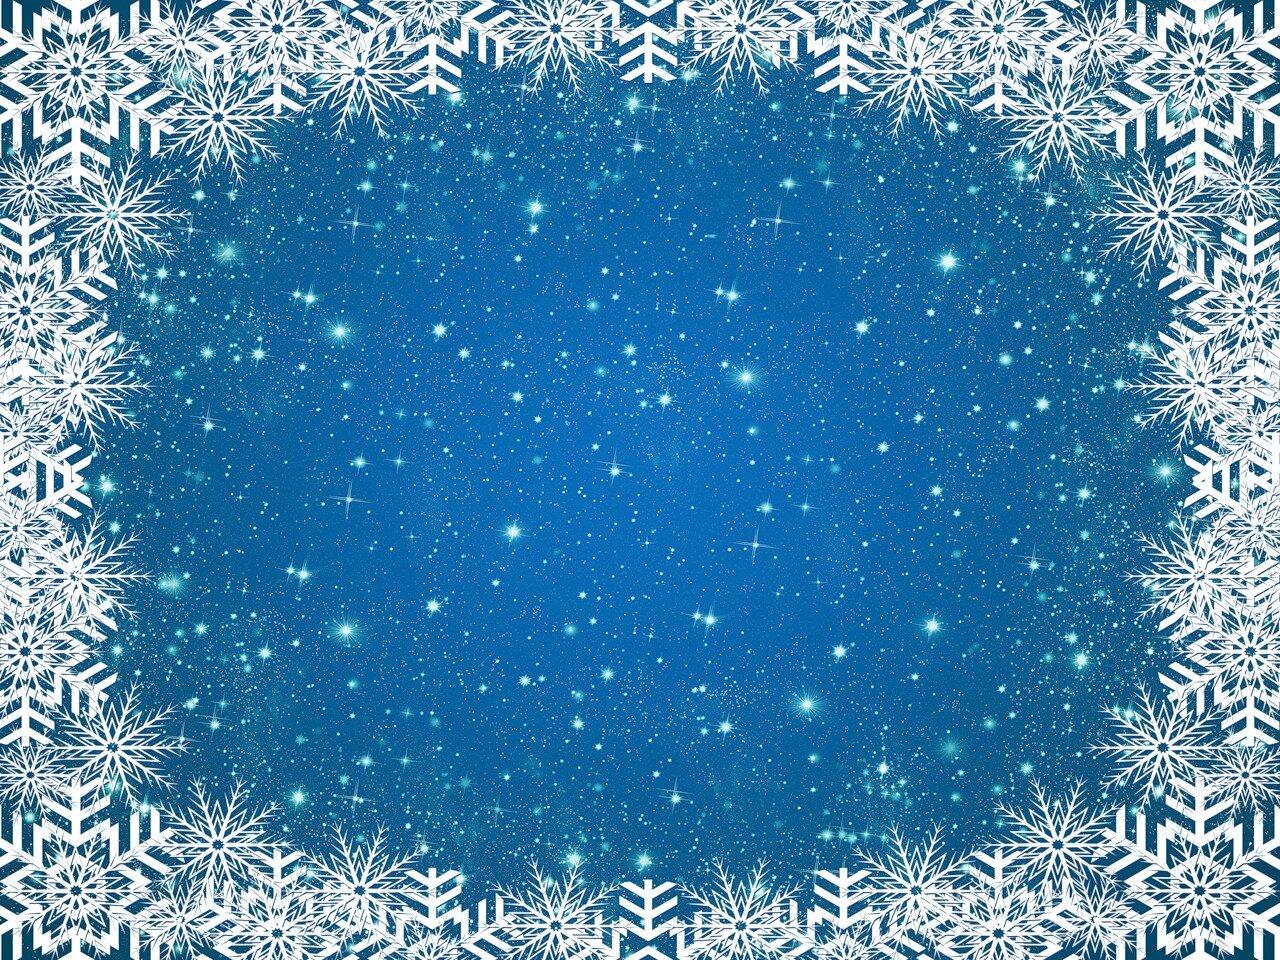 новогодние (зимние) фоны